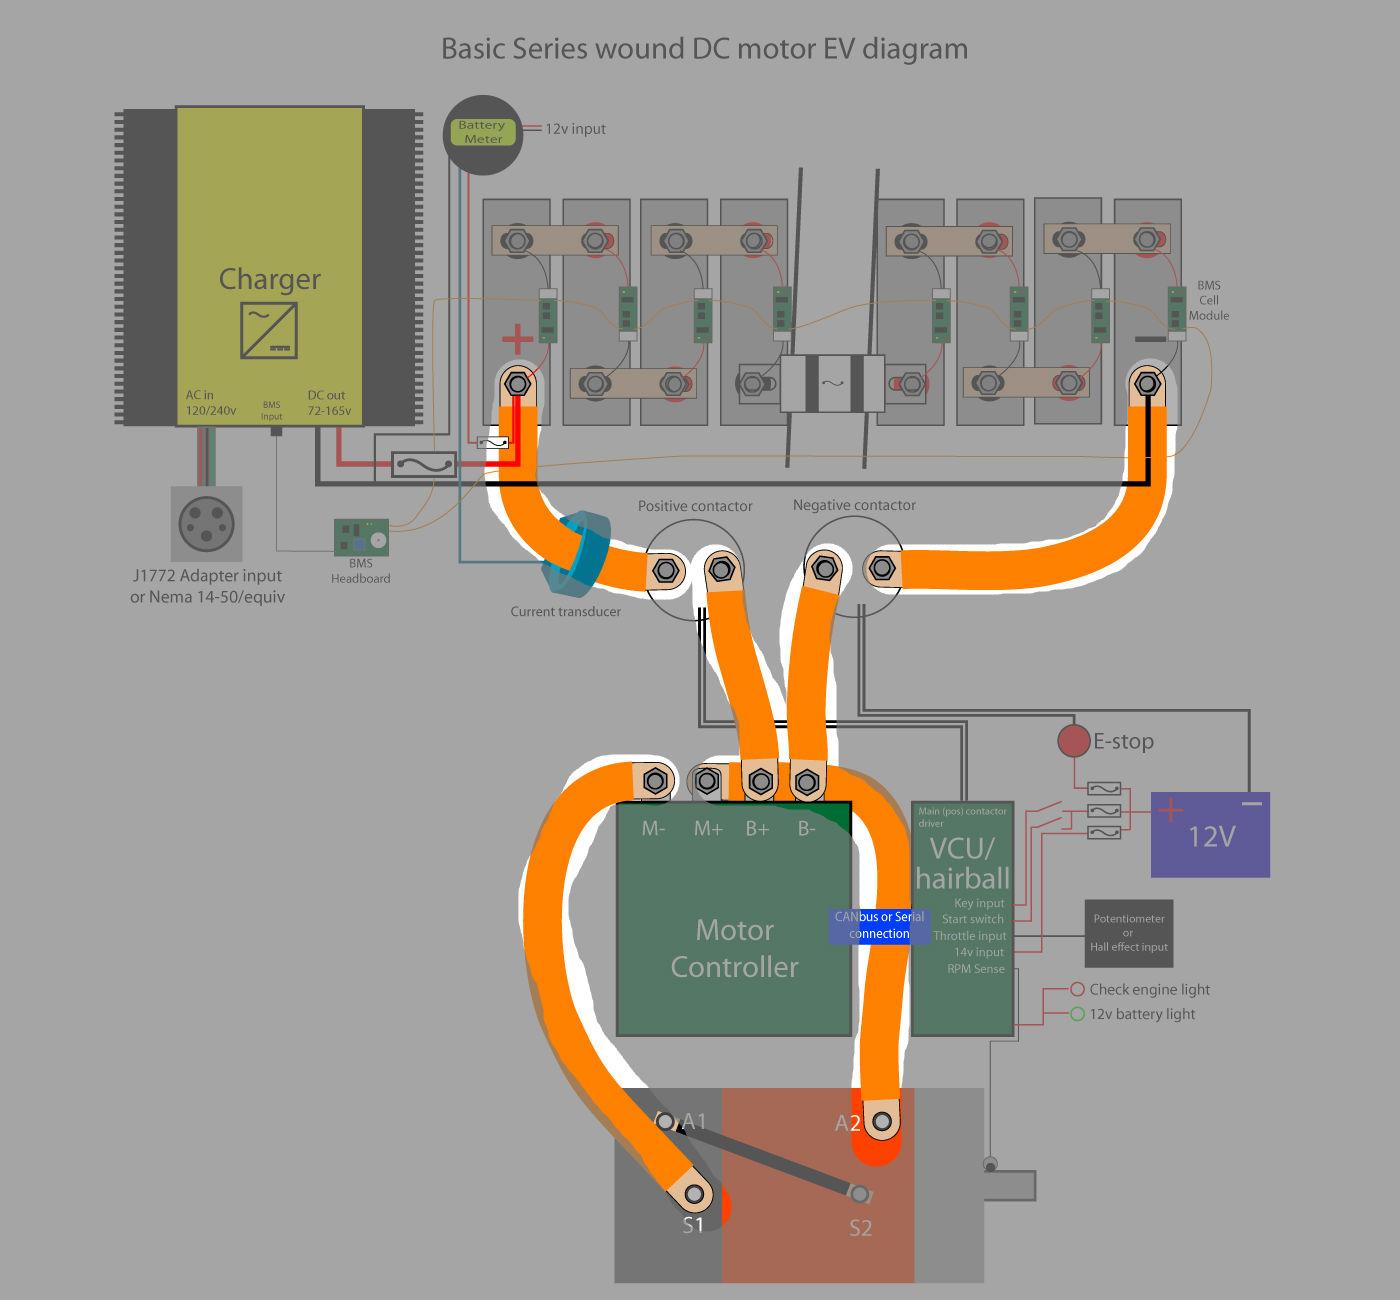 WRG-4423] 3 Phase Circuit Breaker Wiring Diagram on